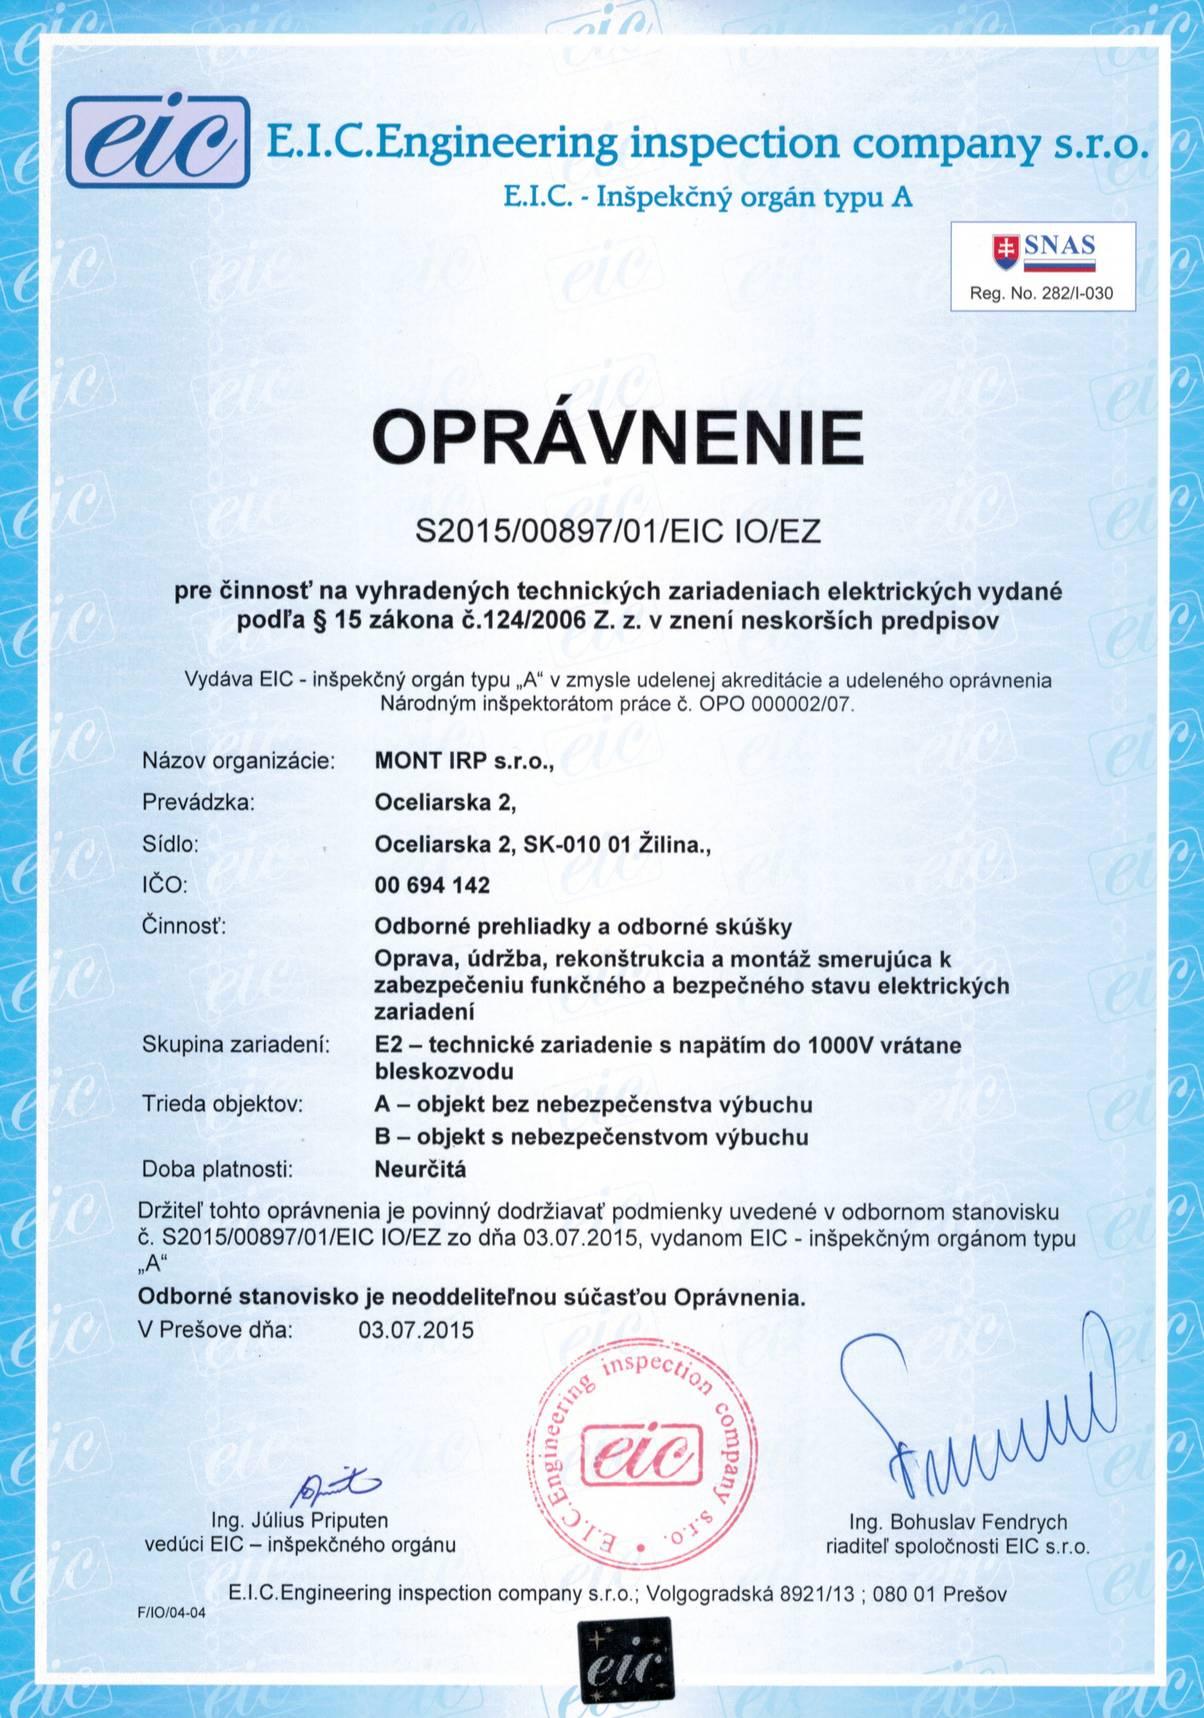 Oprávnenie-S2015_00897_01_EIC IO_EZ-Výhr.tech.zar.elektrické